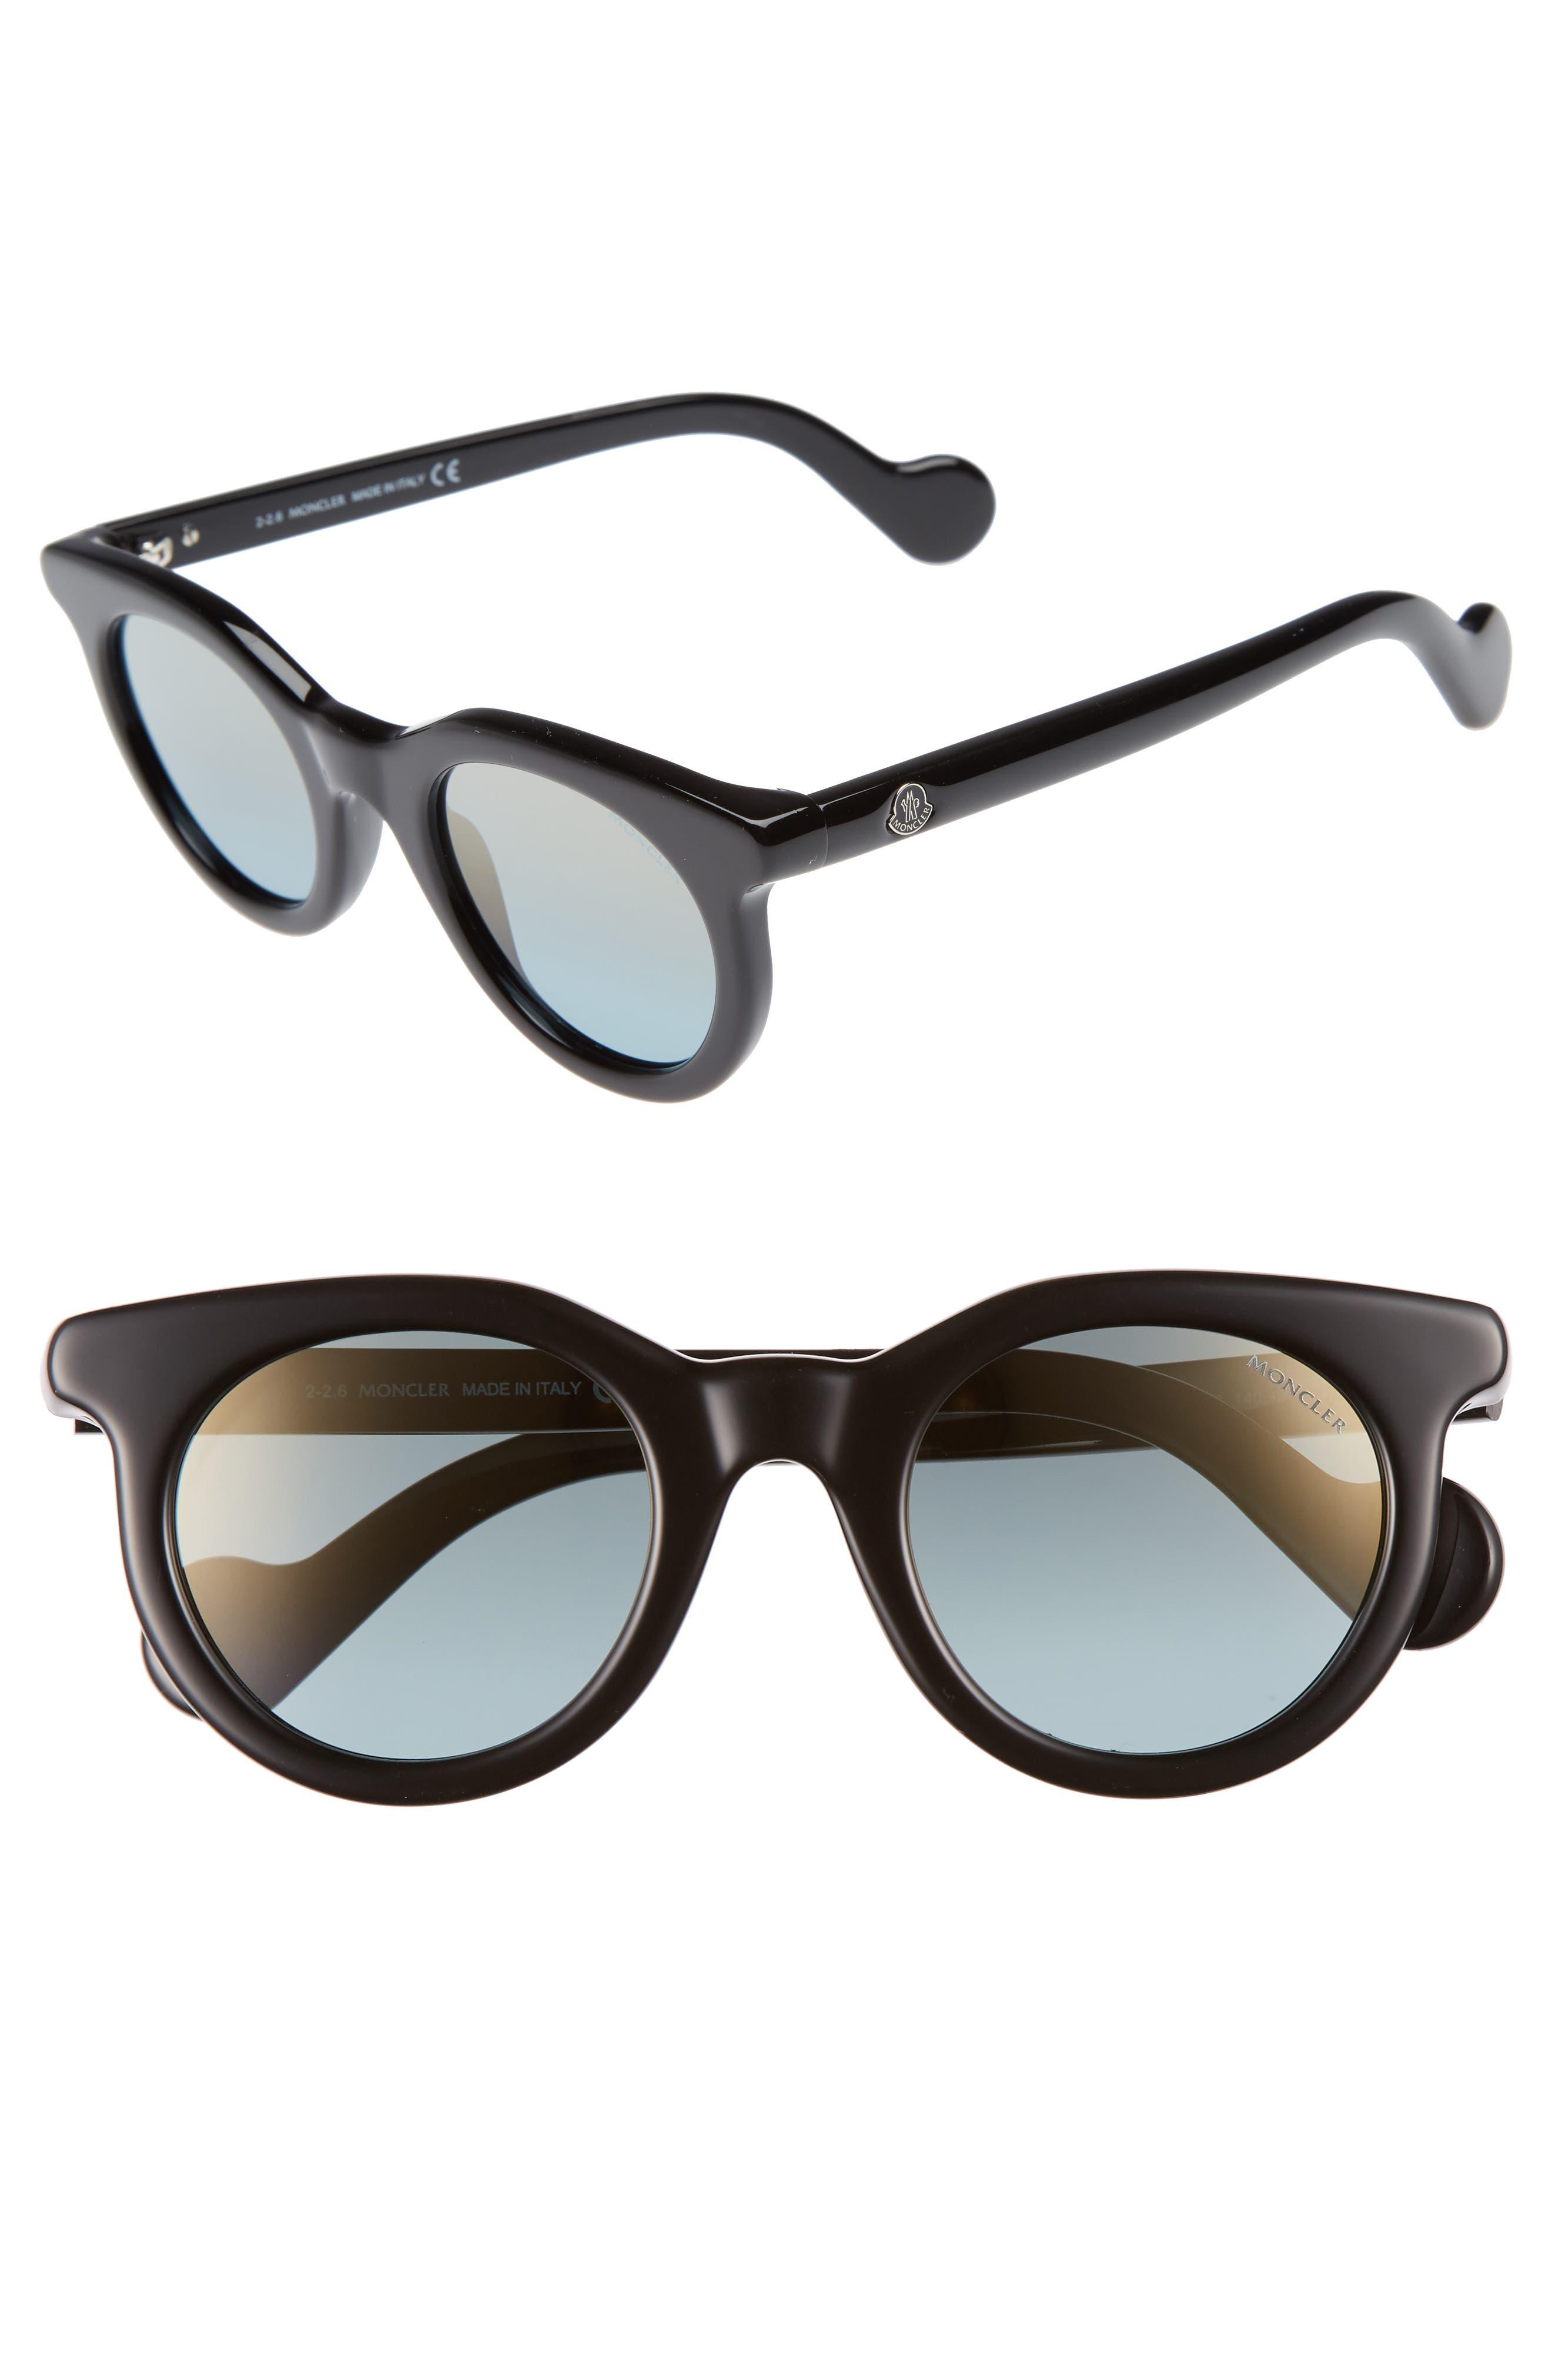 Gafas De Sol En La Venta Blanco Mate 2017 Moncler Un Tamaño 3X5fW ...